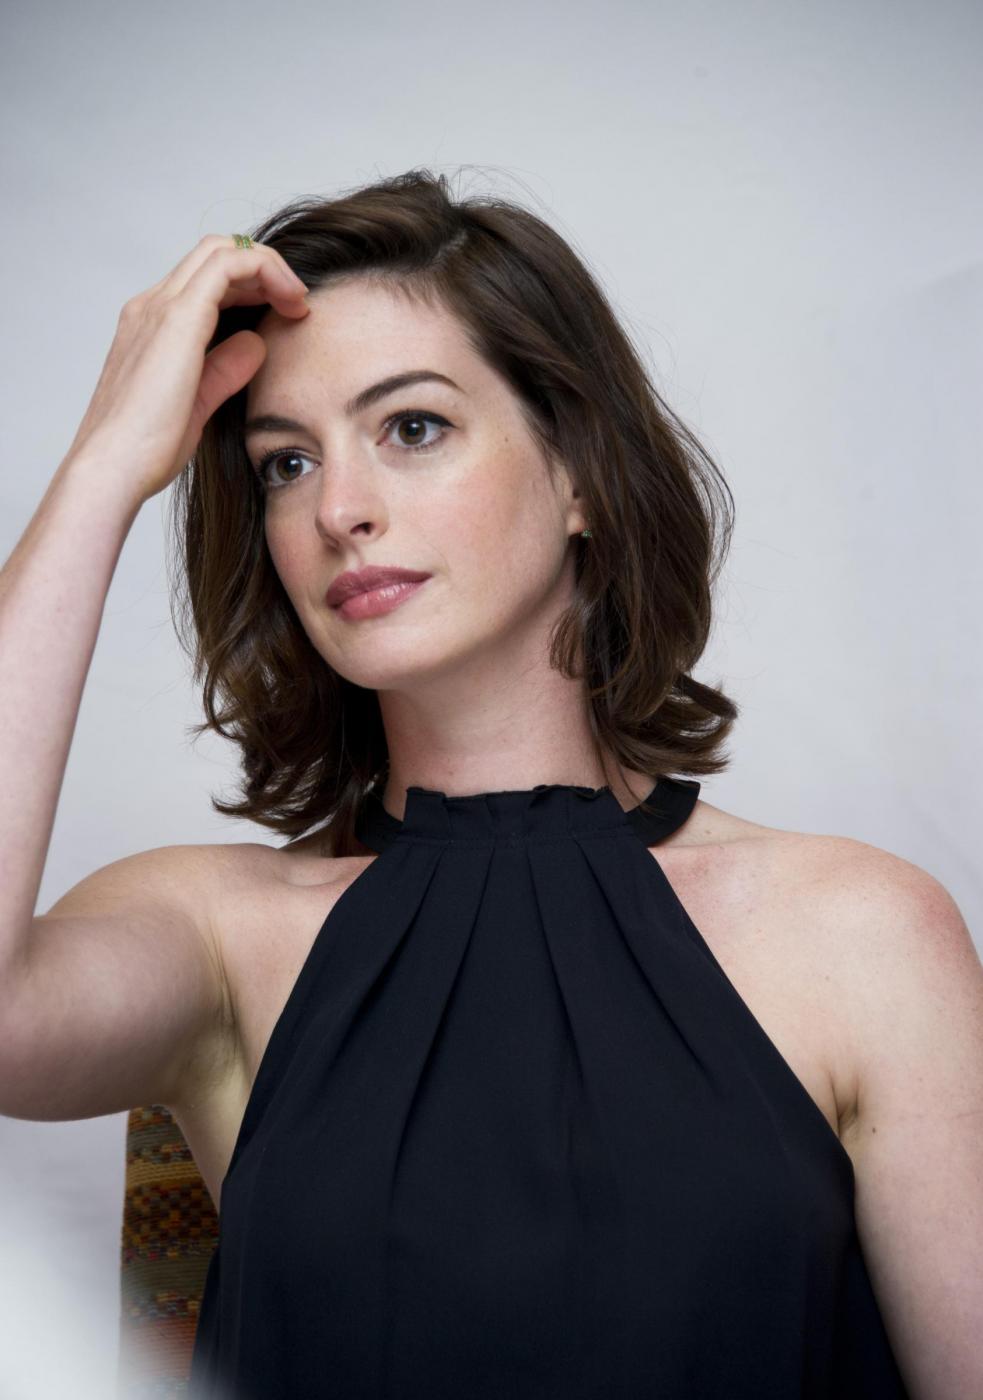 Anne Hathaway elegante per il photocall del film The intern FOTO